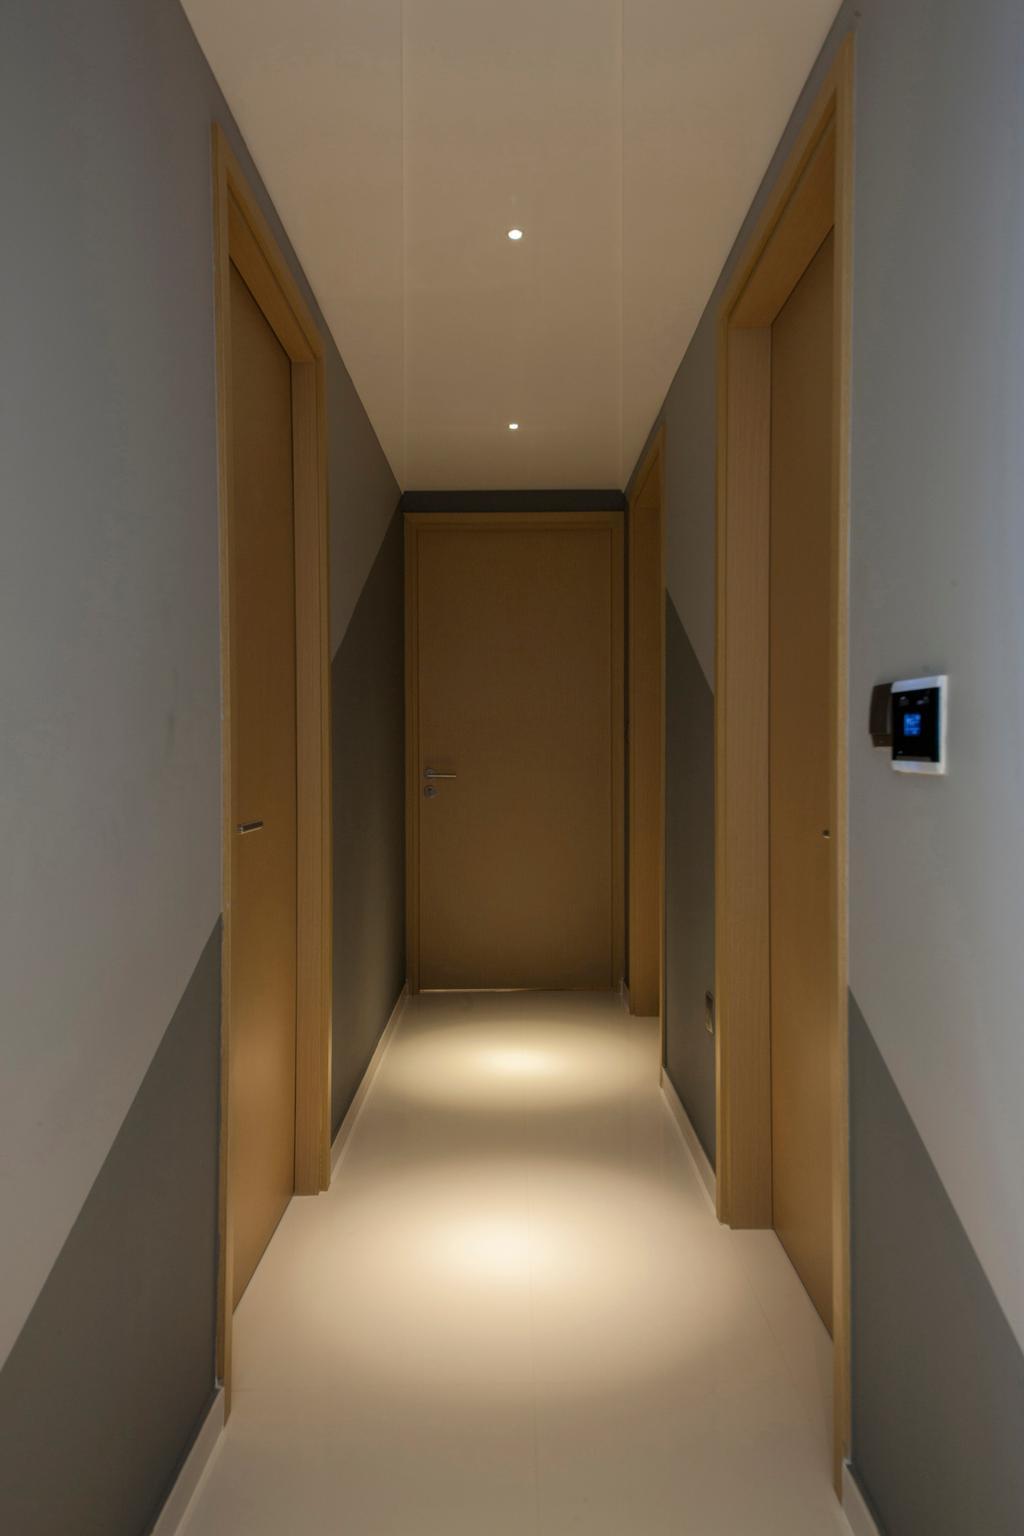 Eclectic, Condo, Twin Waterfalls, Interior Designer, Ascenders Design Studio, Hallway, Recessed Lights, Wooden Door, Flooring